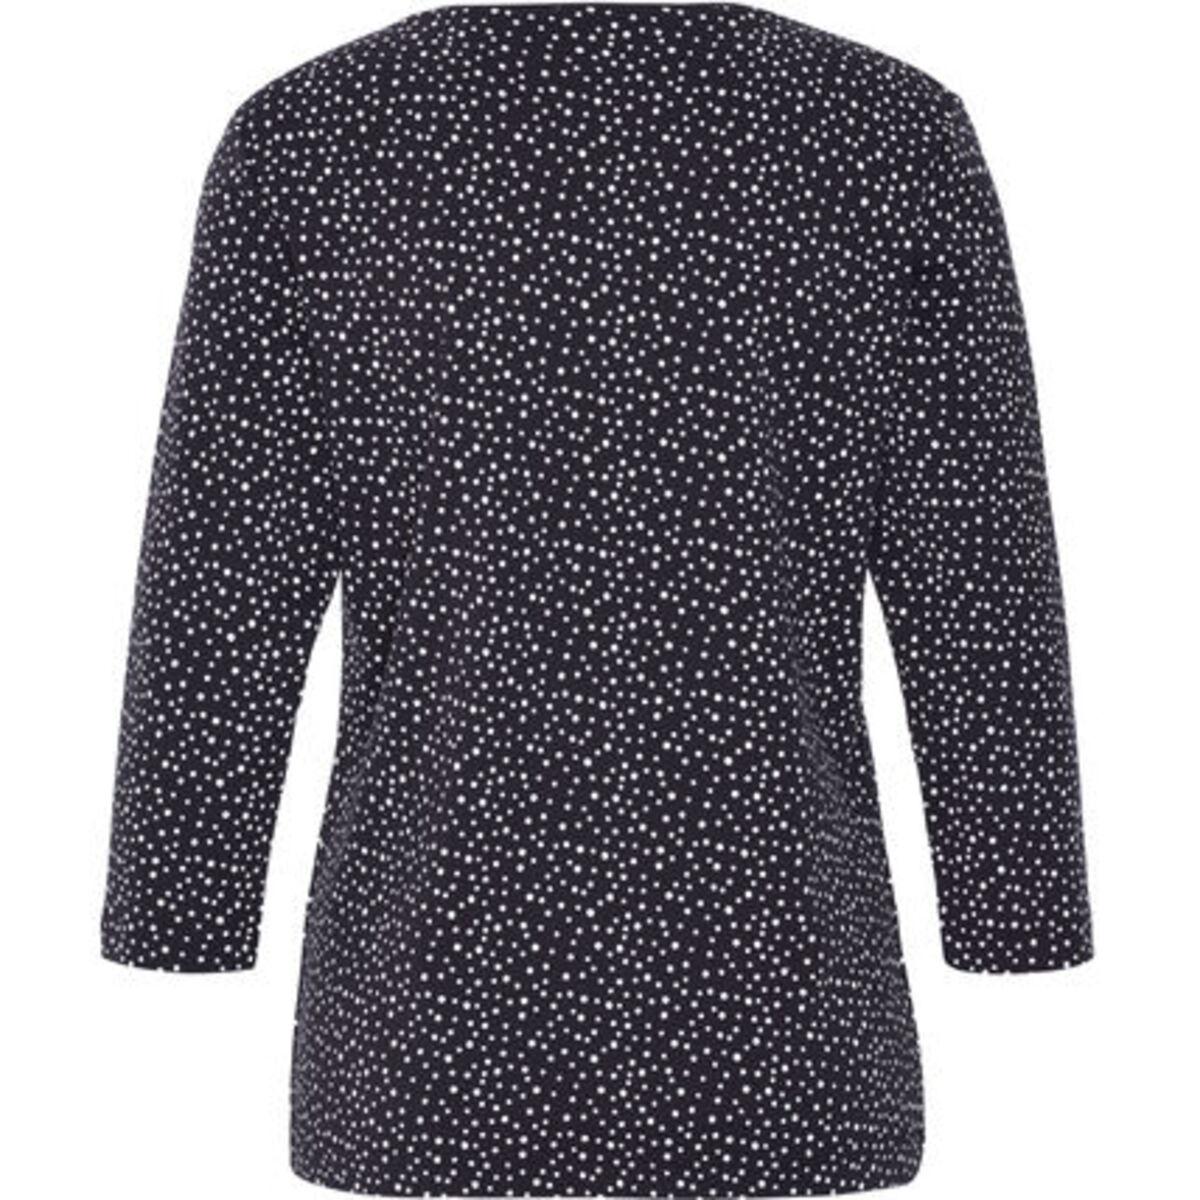 """Bild 2 von Adagio T-Shirt """"Svenja"""", 3/4 Ärmel, Punkte, Pima Cotton, für Damen"""